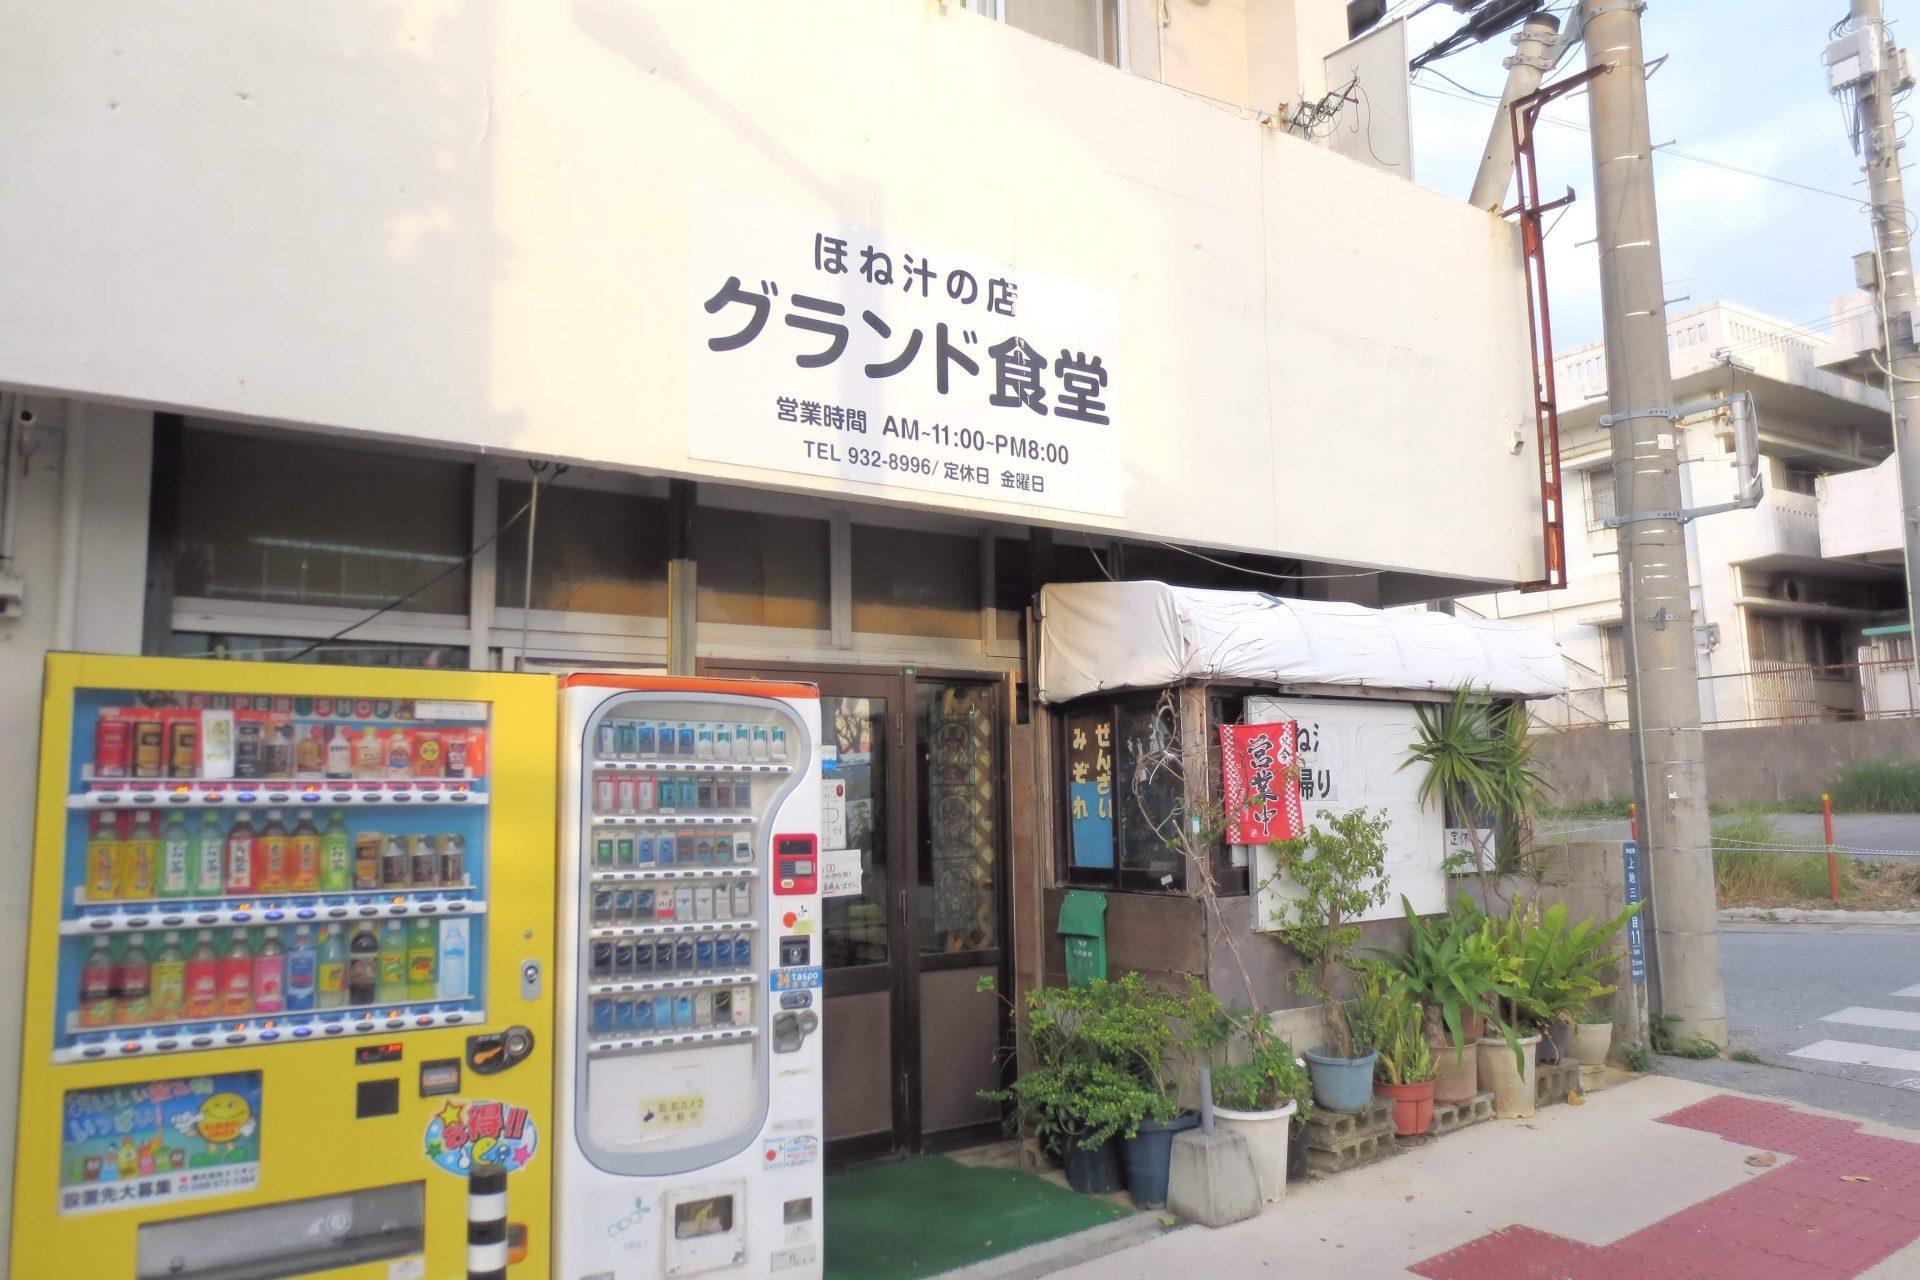 沖縄 食堂 ランチ  グランド食堂 沖縄市